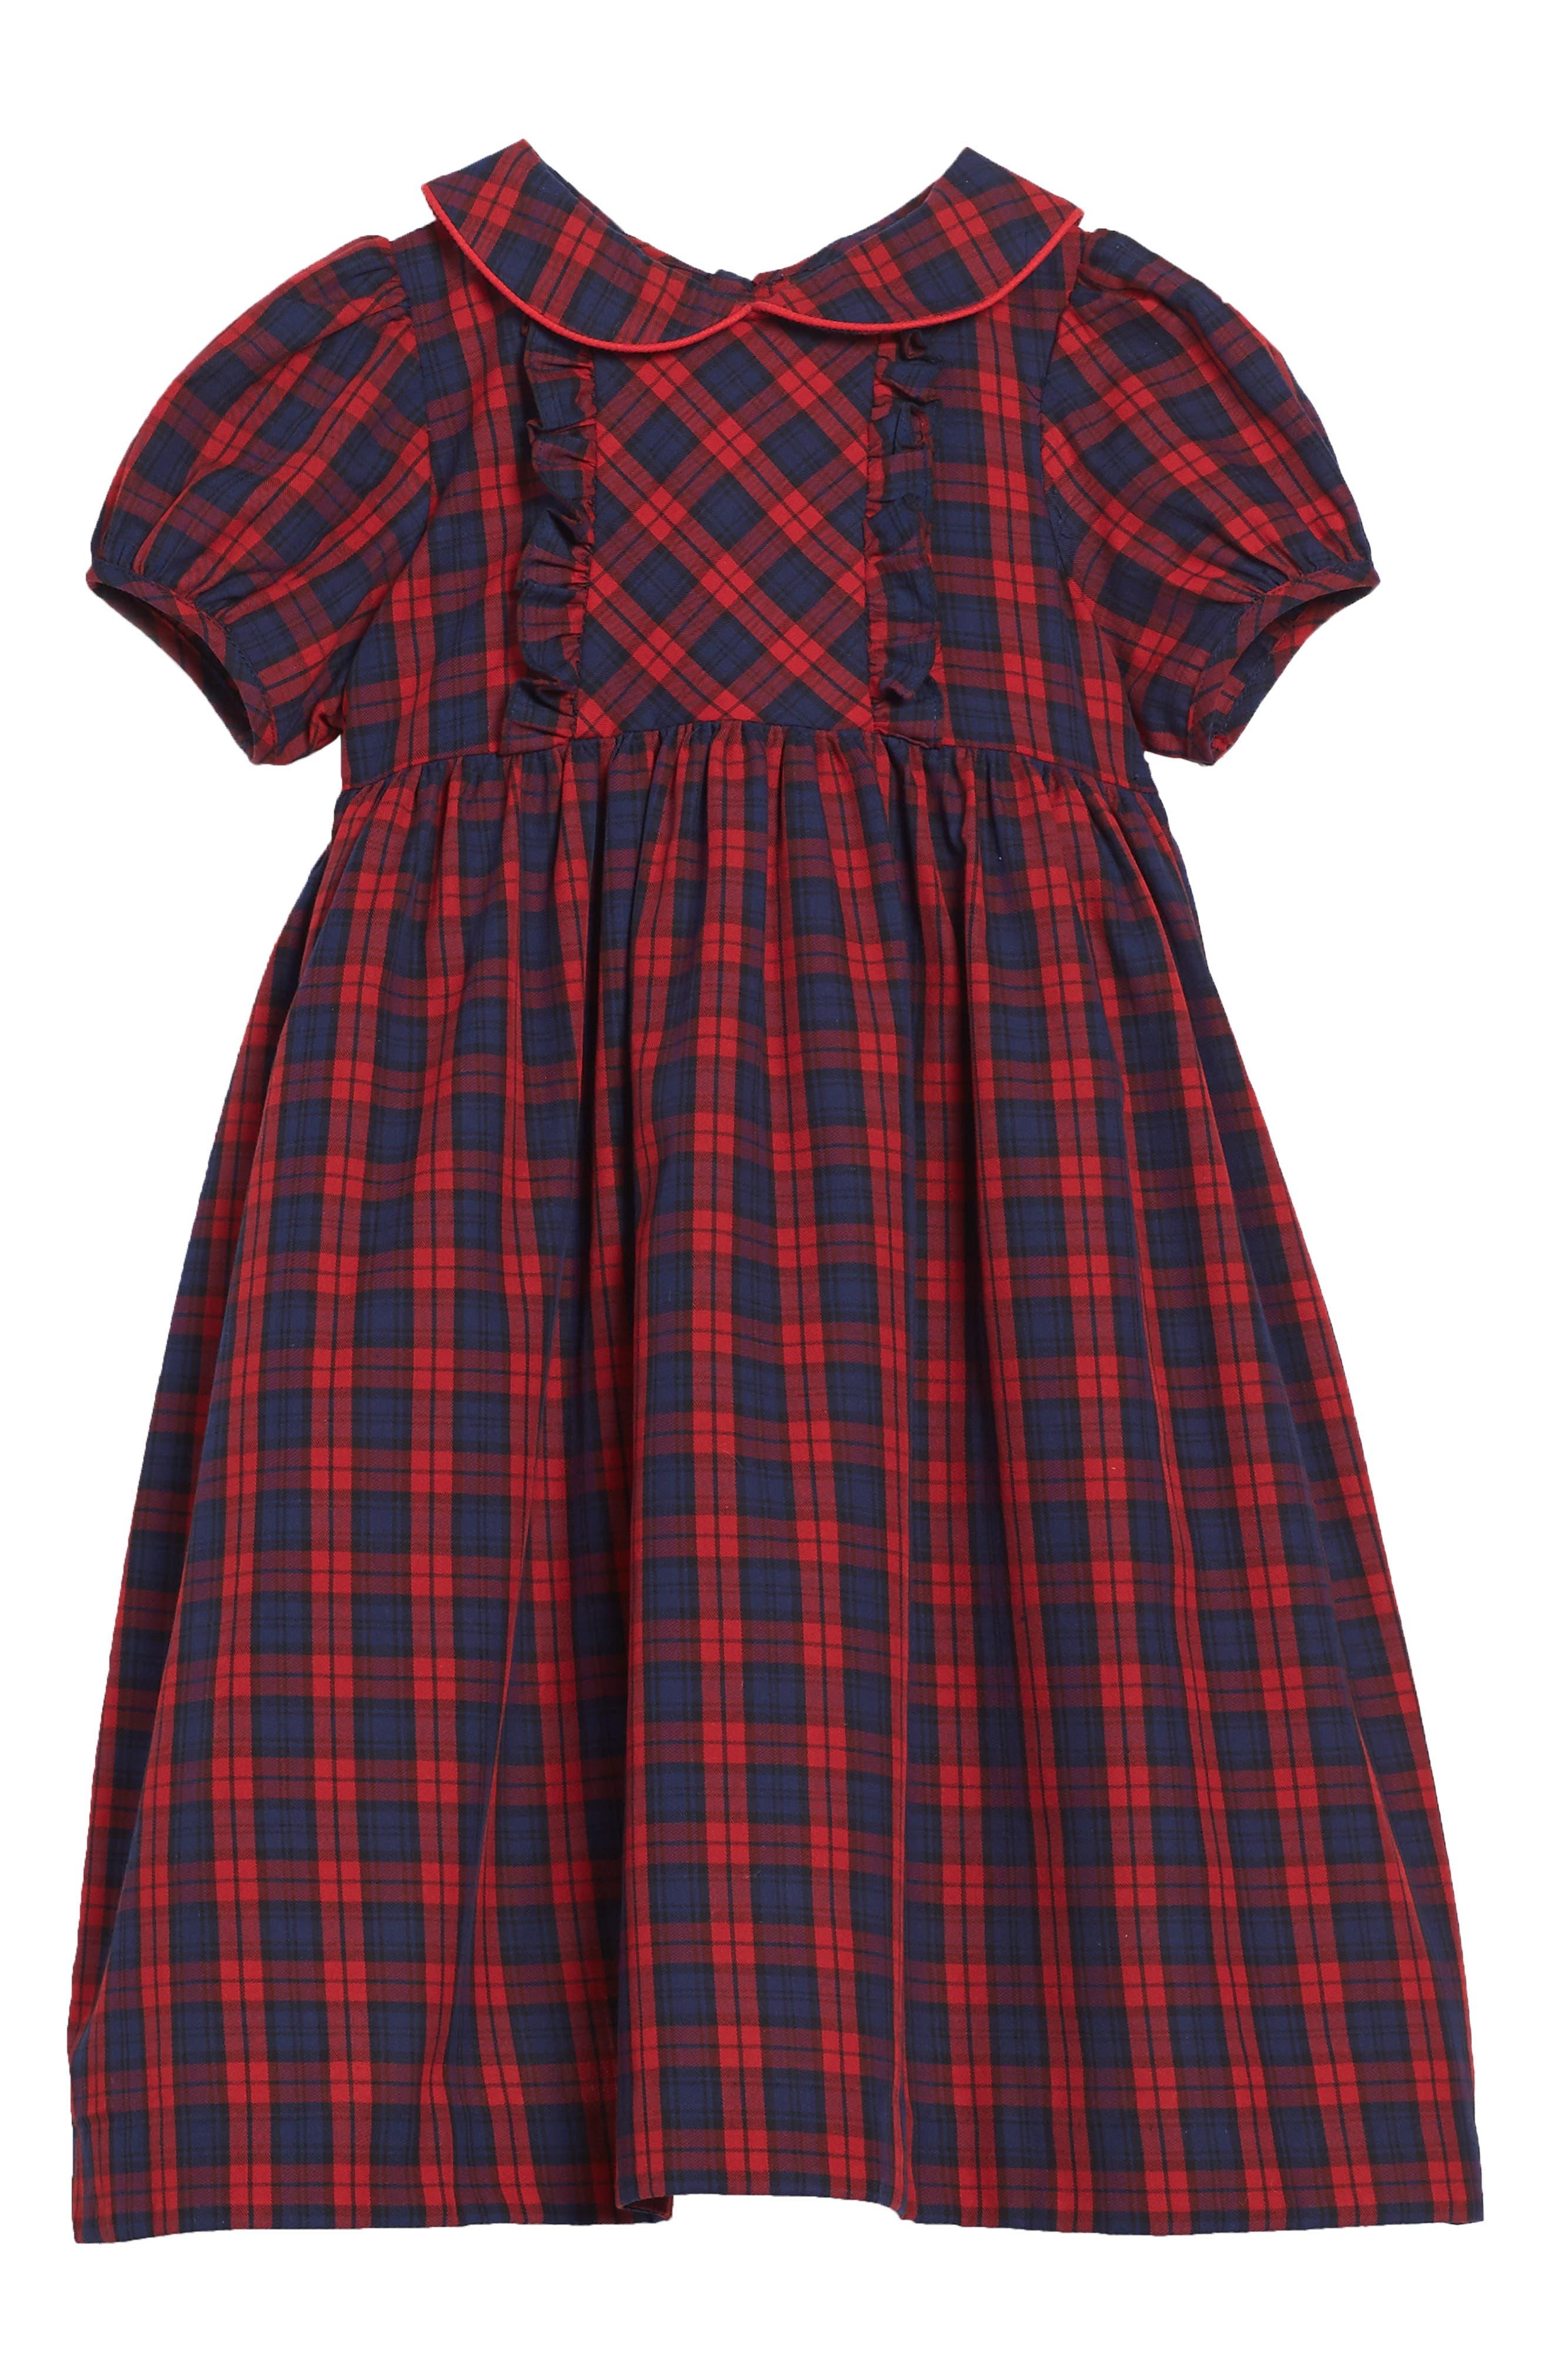 Main Image - Luli & Me Plaid Dress (Toddler Girls)